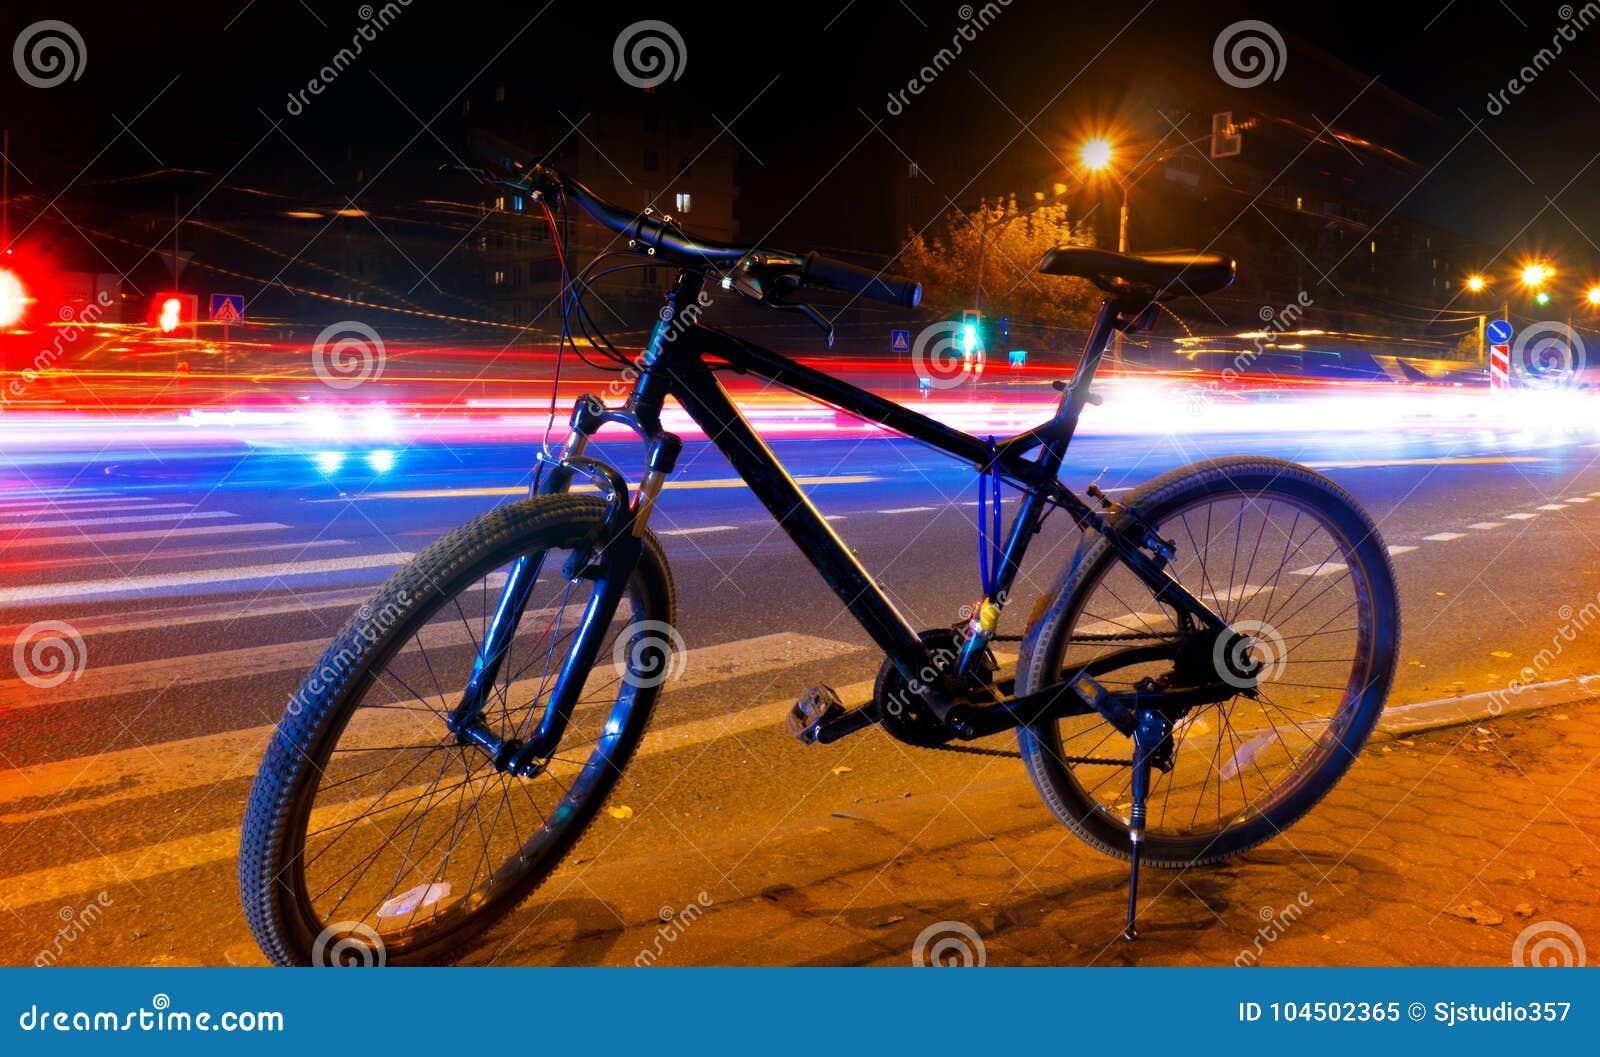 Uma bicicleta na rua em uma noite contra um fundo de luzes obscuras dos carros, a luz arrasta na rua